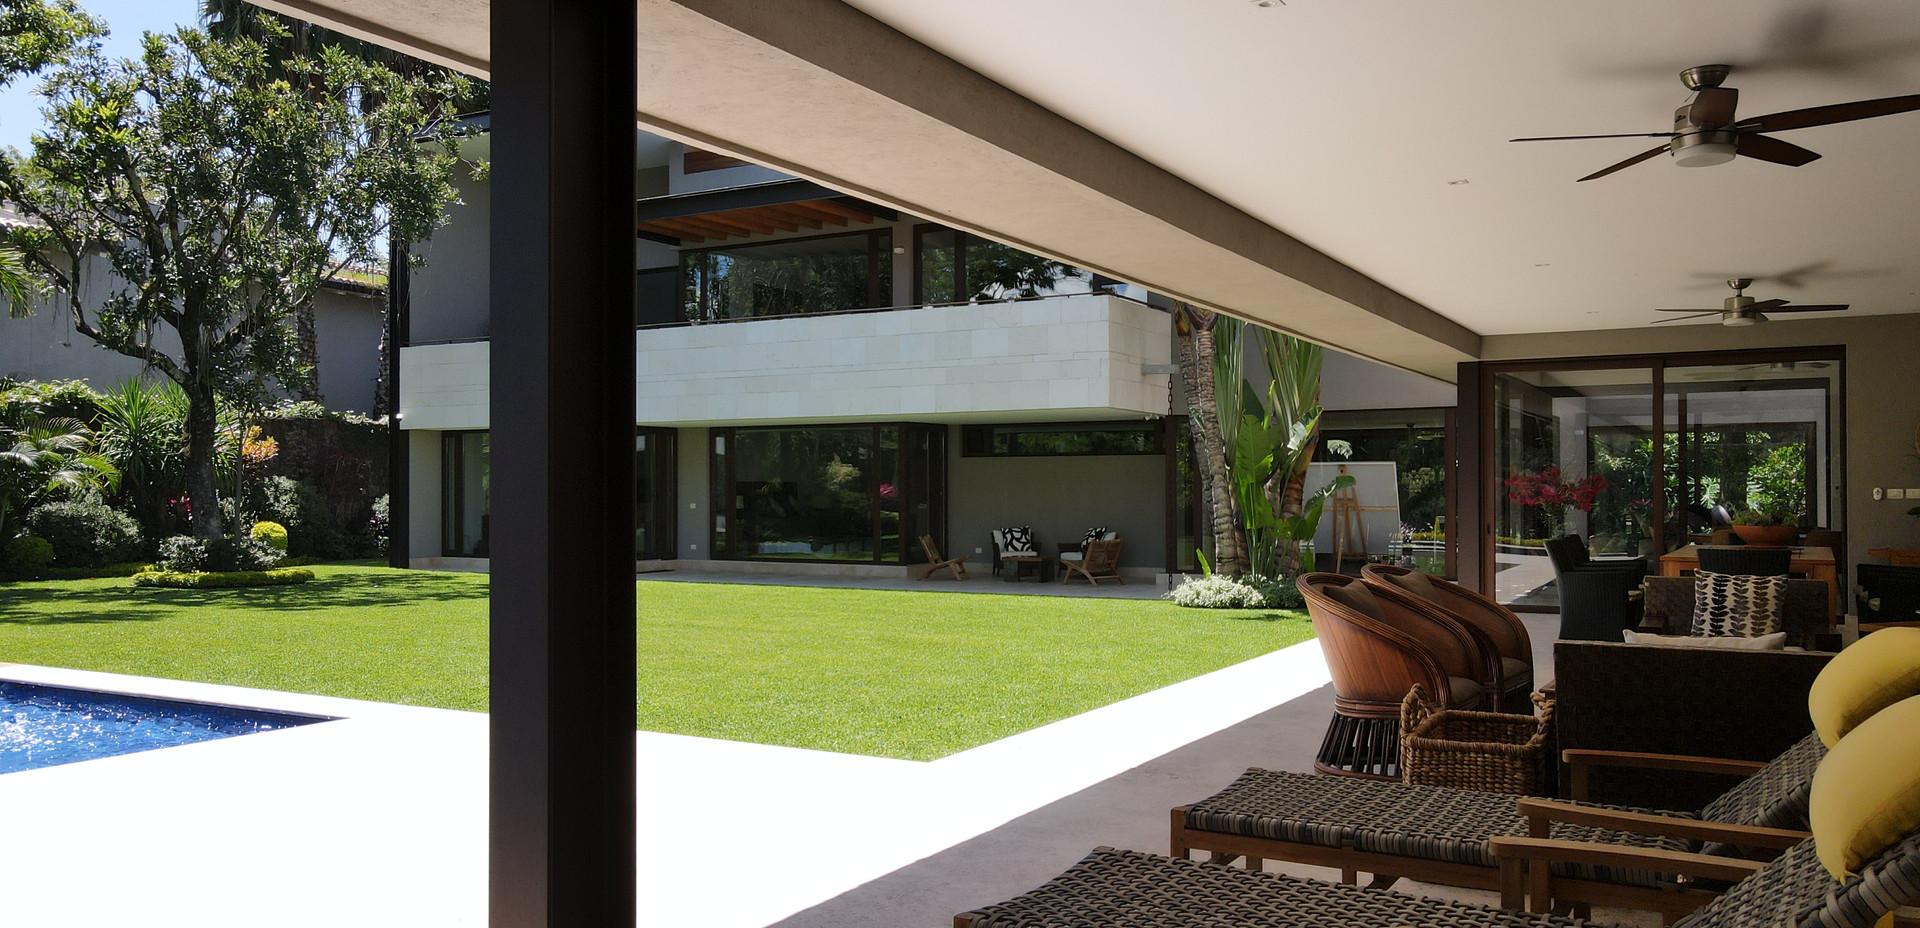 DM Arquitectos-Casa de la Vida 7.JPG